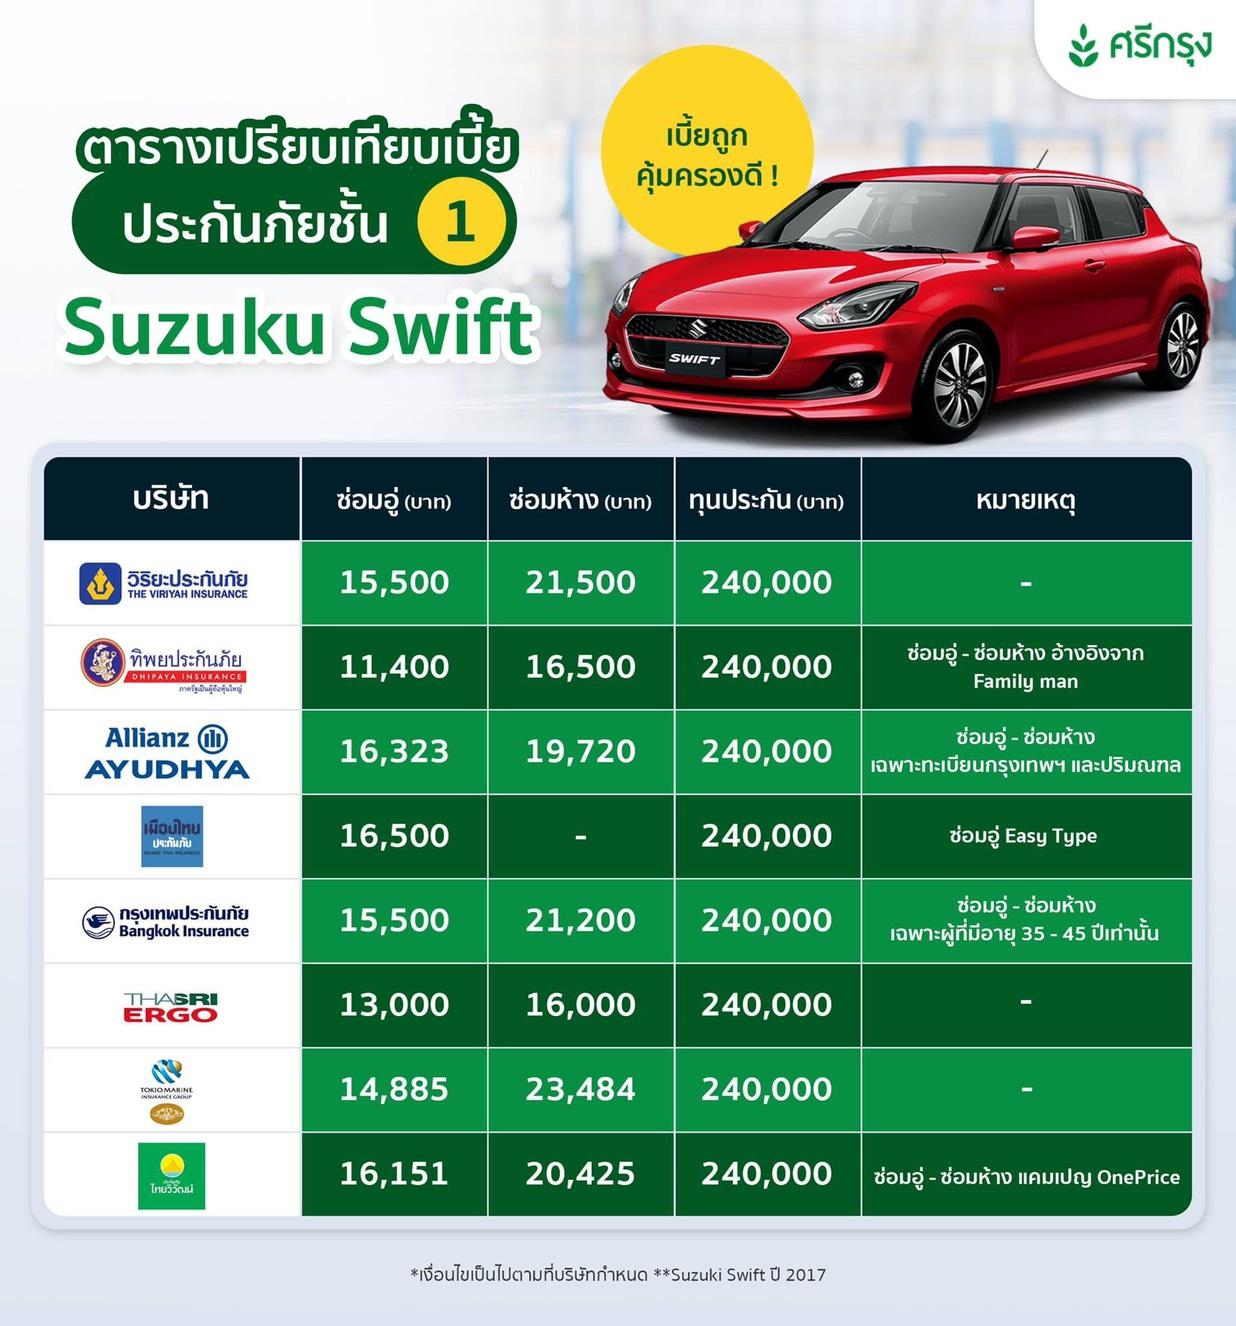 เอาใจคนรักรถอย่าง Suzuki Swift 2017